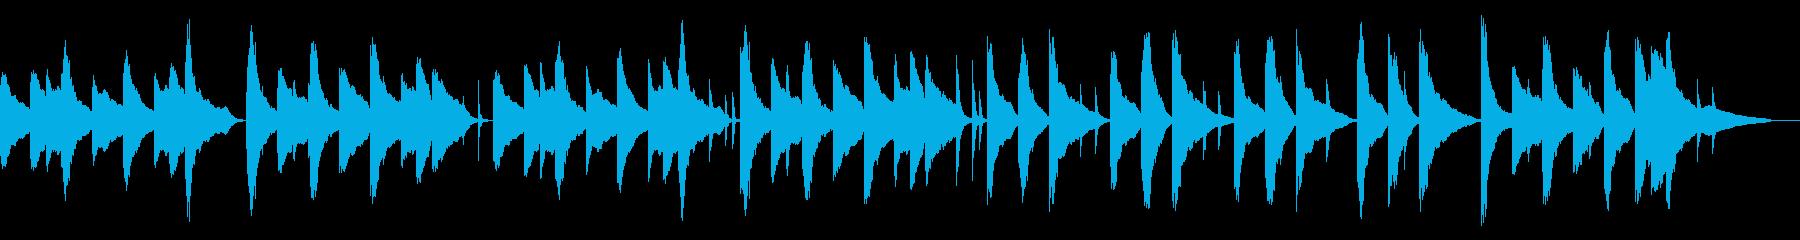 シタールがメインのインドの音楽の再生済みの波形